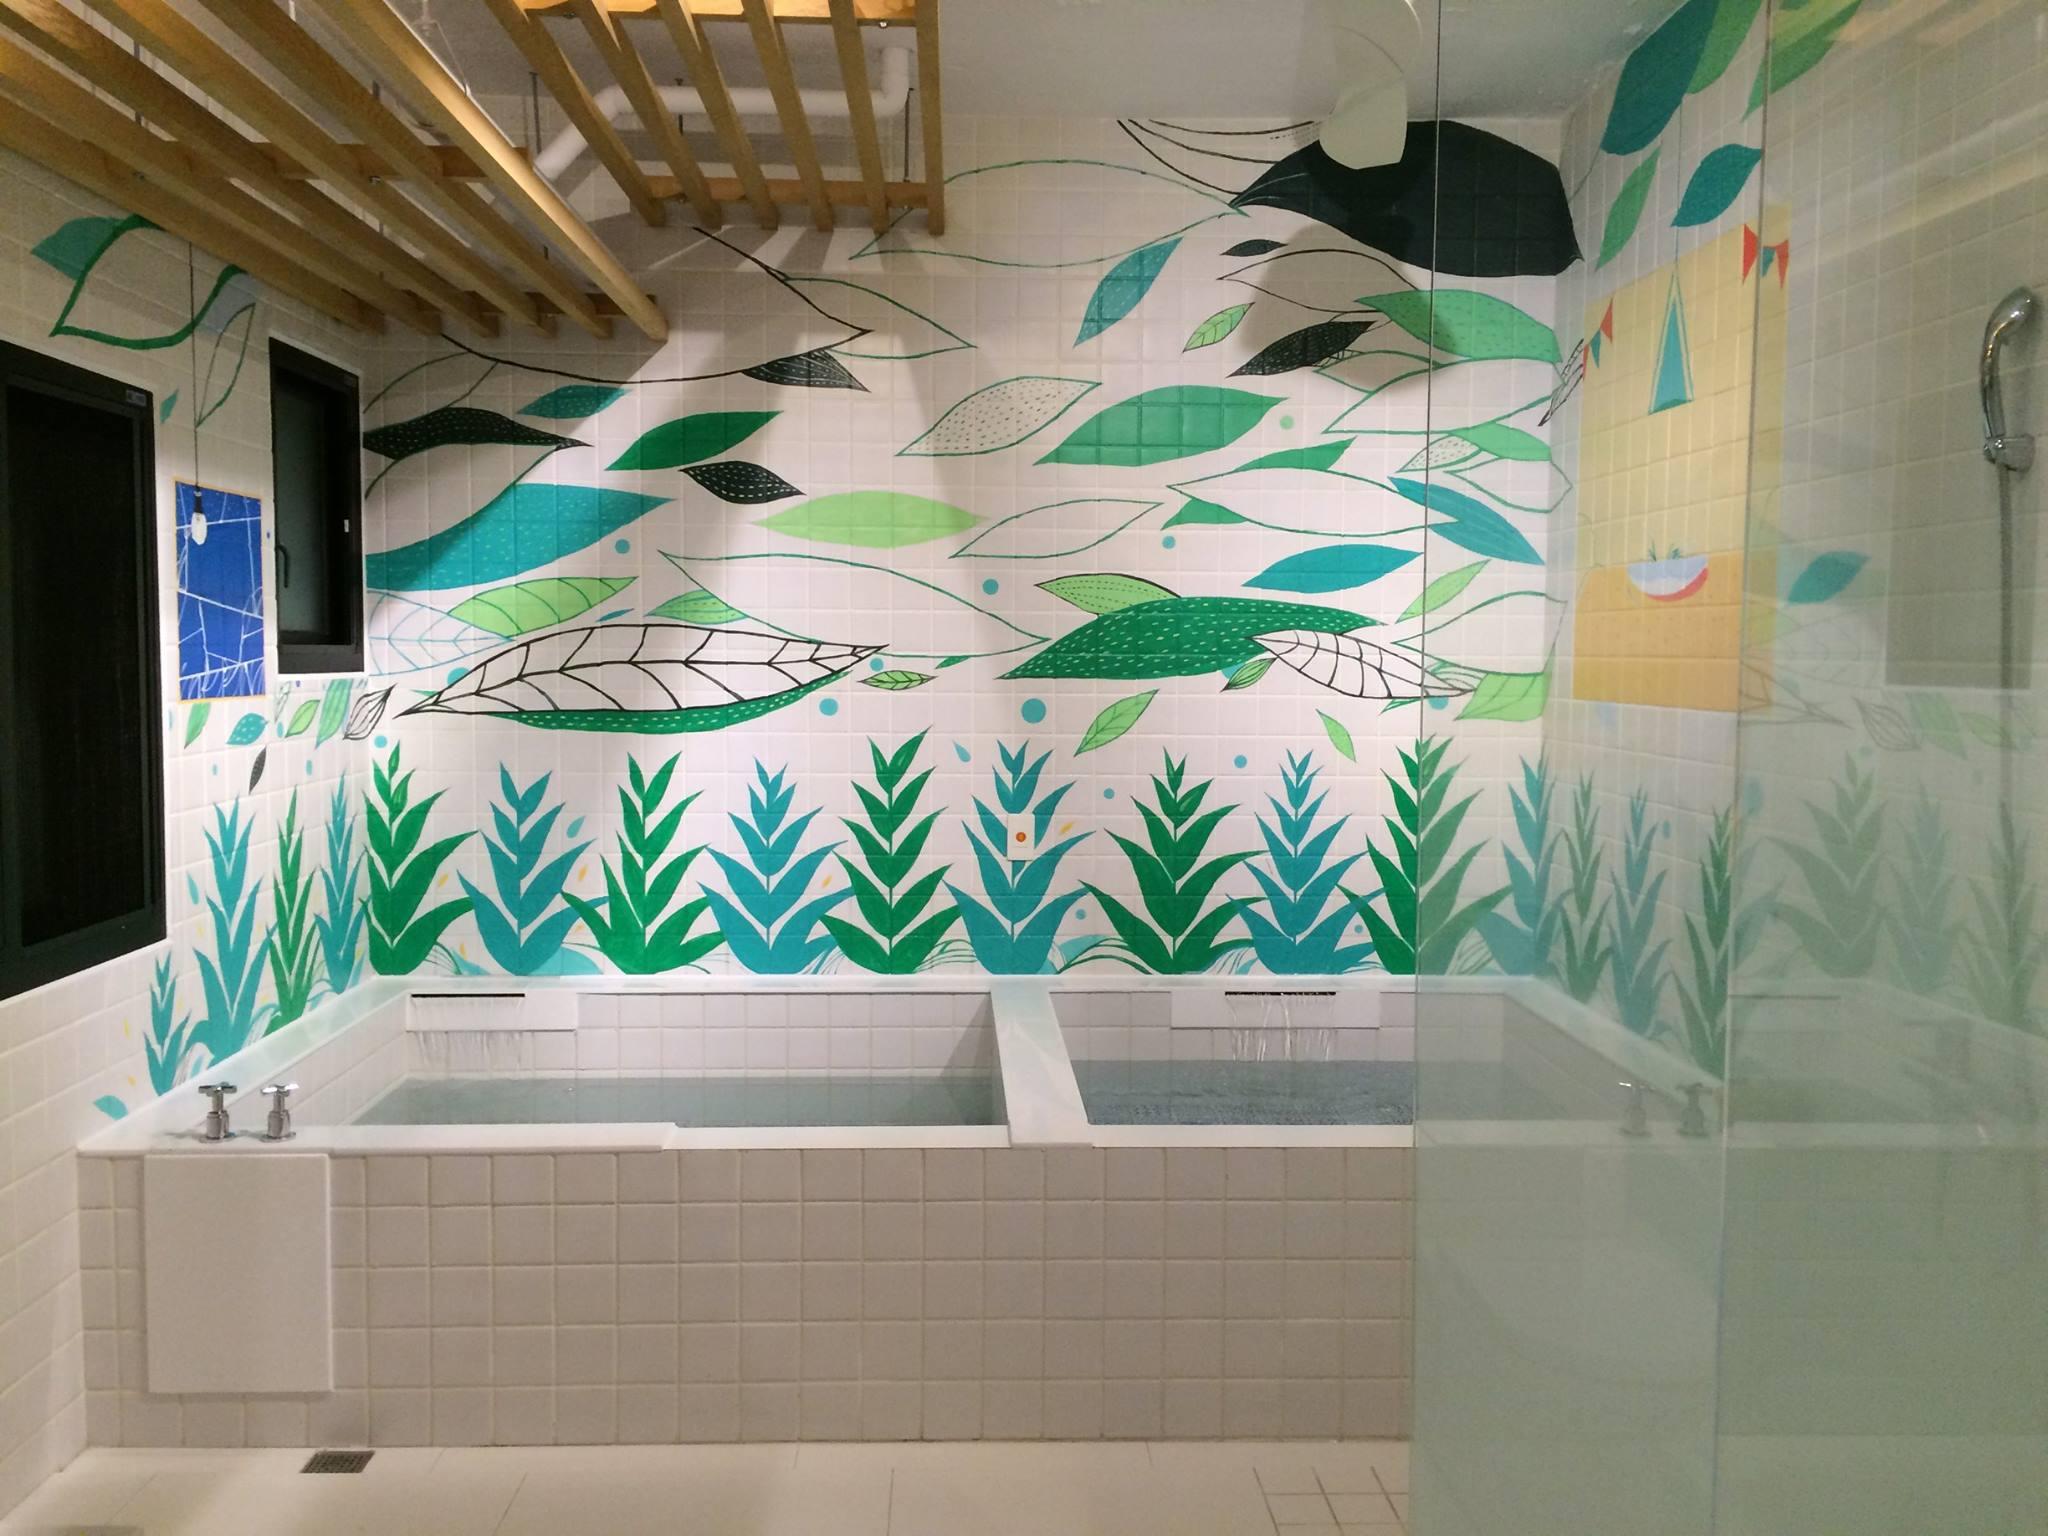 蔥澡賦予老店新生命,一間間澡堂畫上色彩繽紛、各有千秋卻不失童趣的插畫。圖/蔥澡臉書粉絲專頁